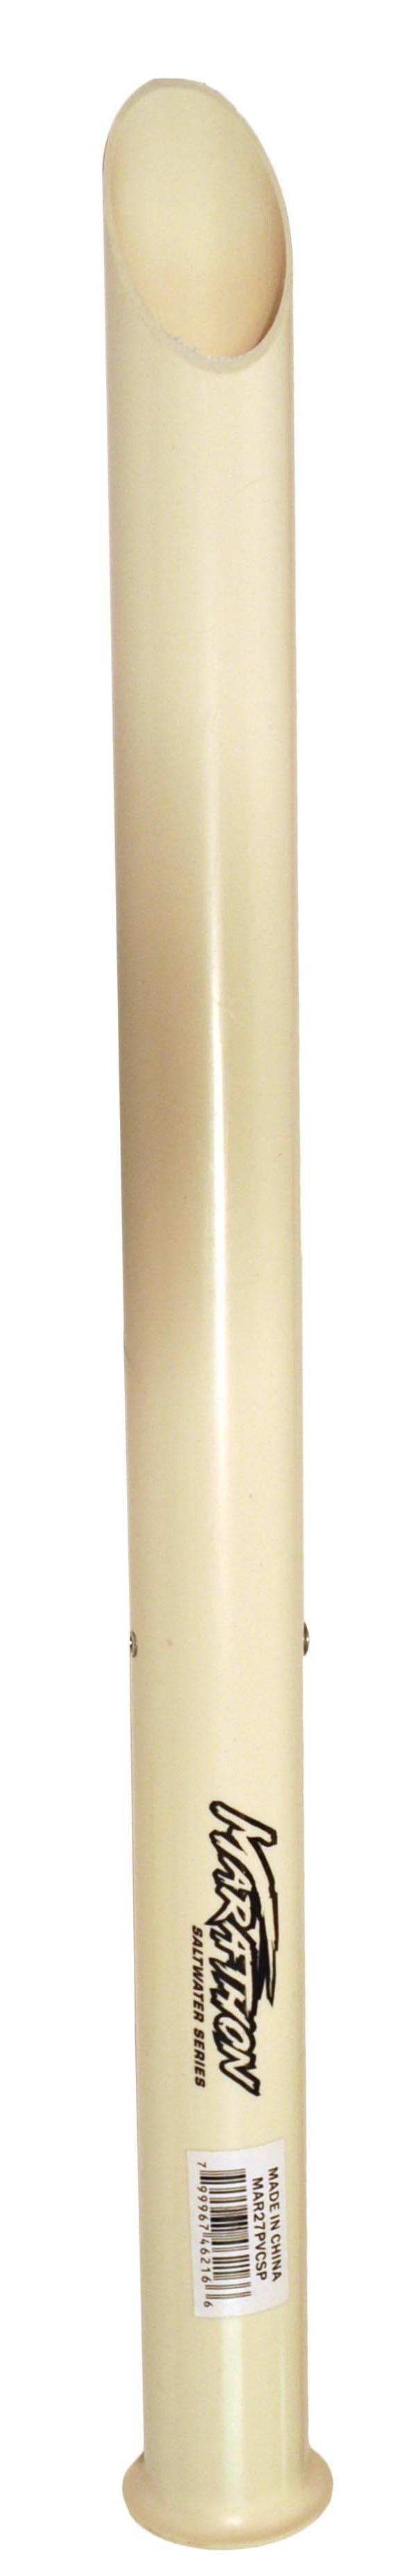 """Marathon Sand Spike PVC Rod Holder – 27"""" product image"""